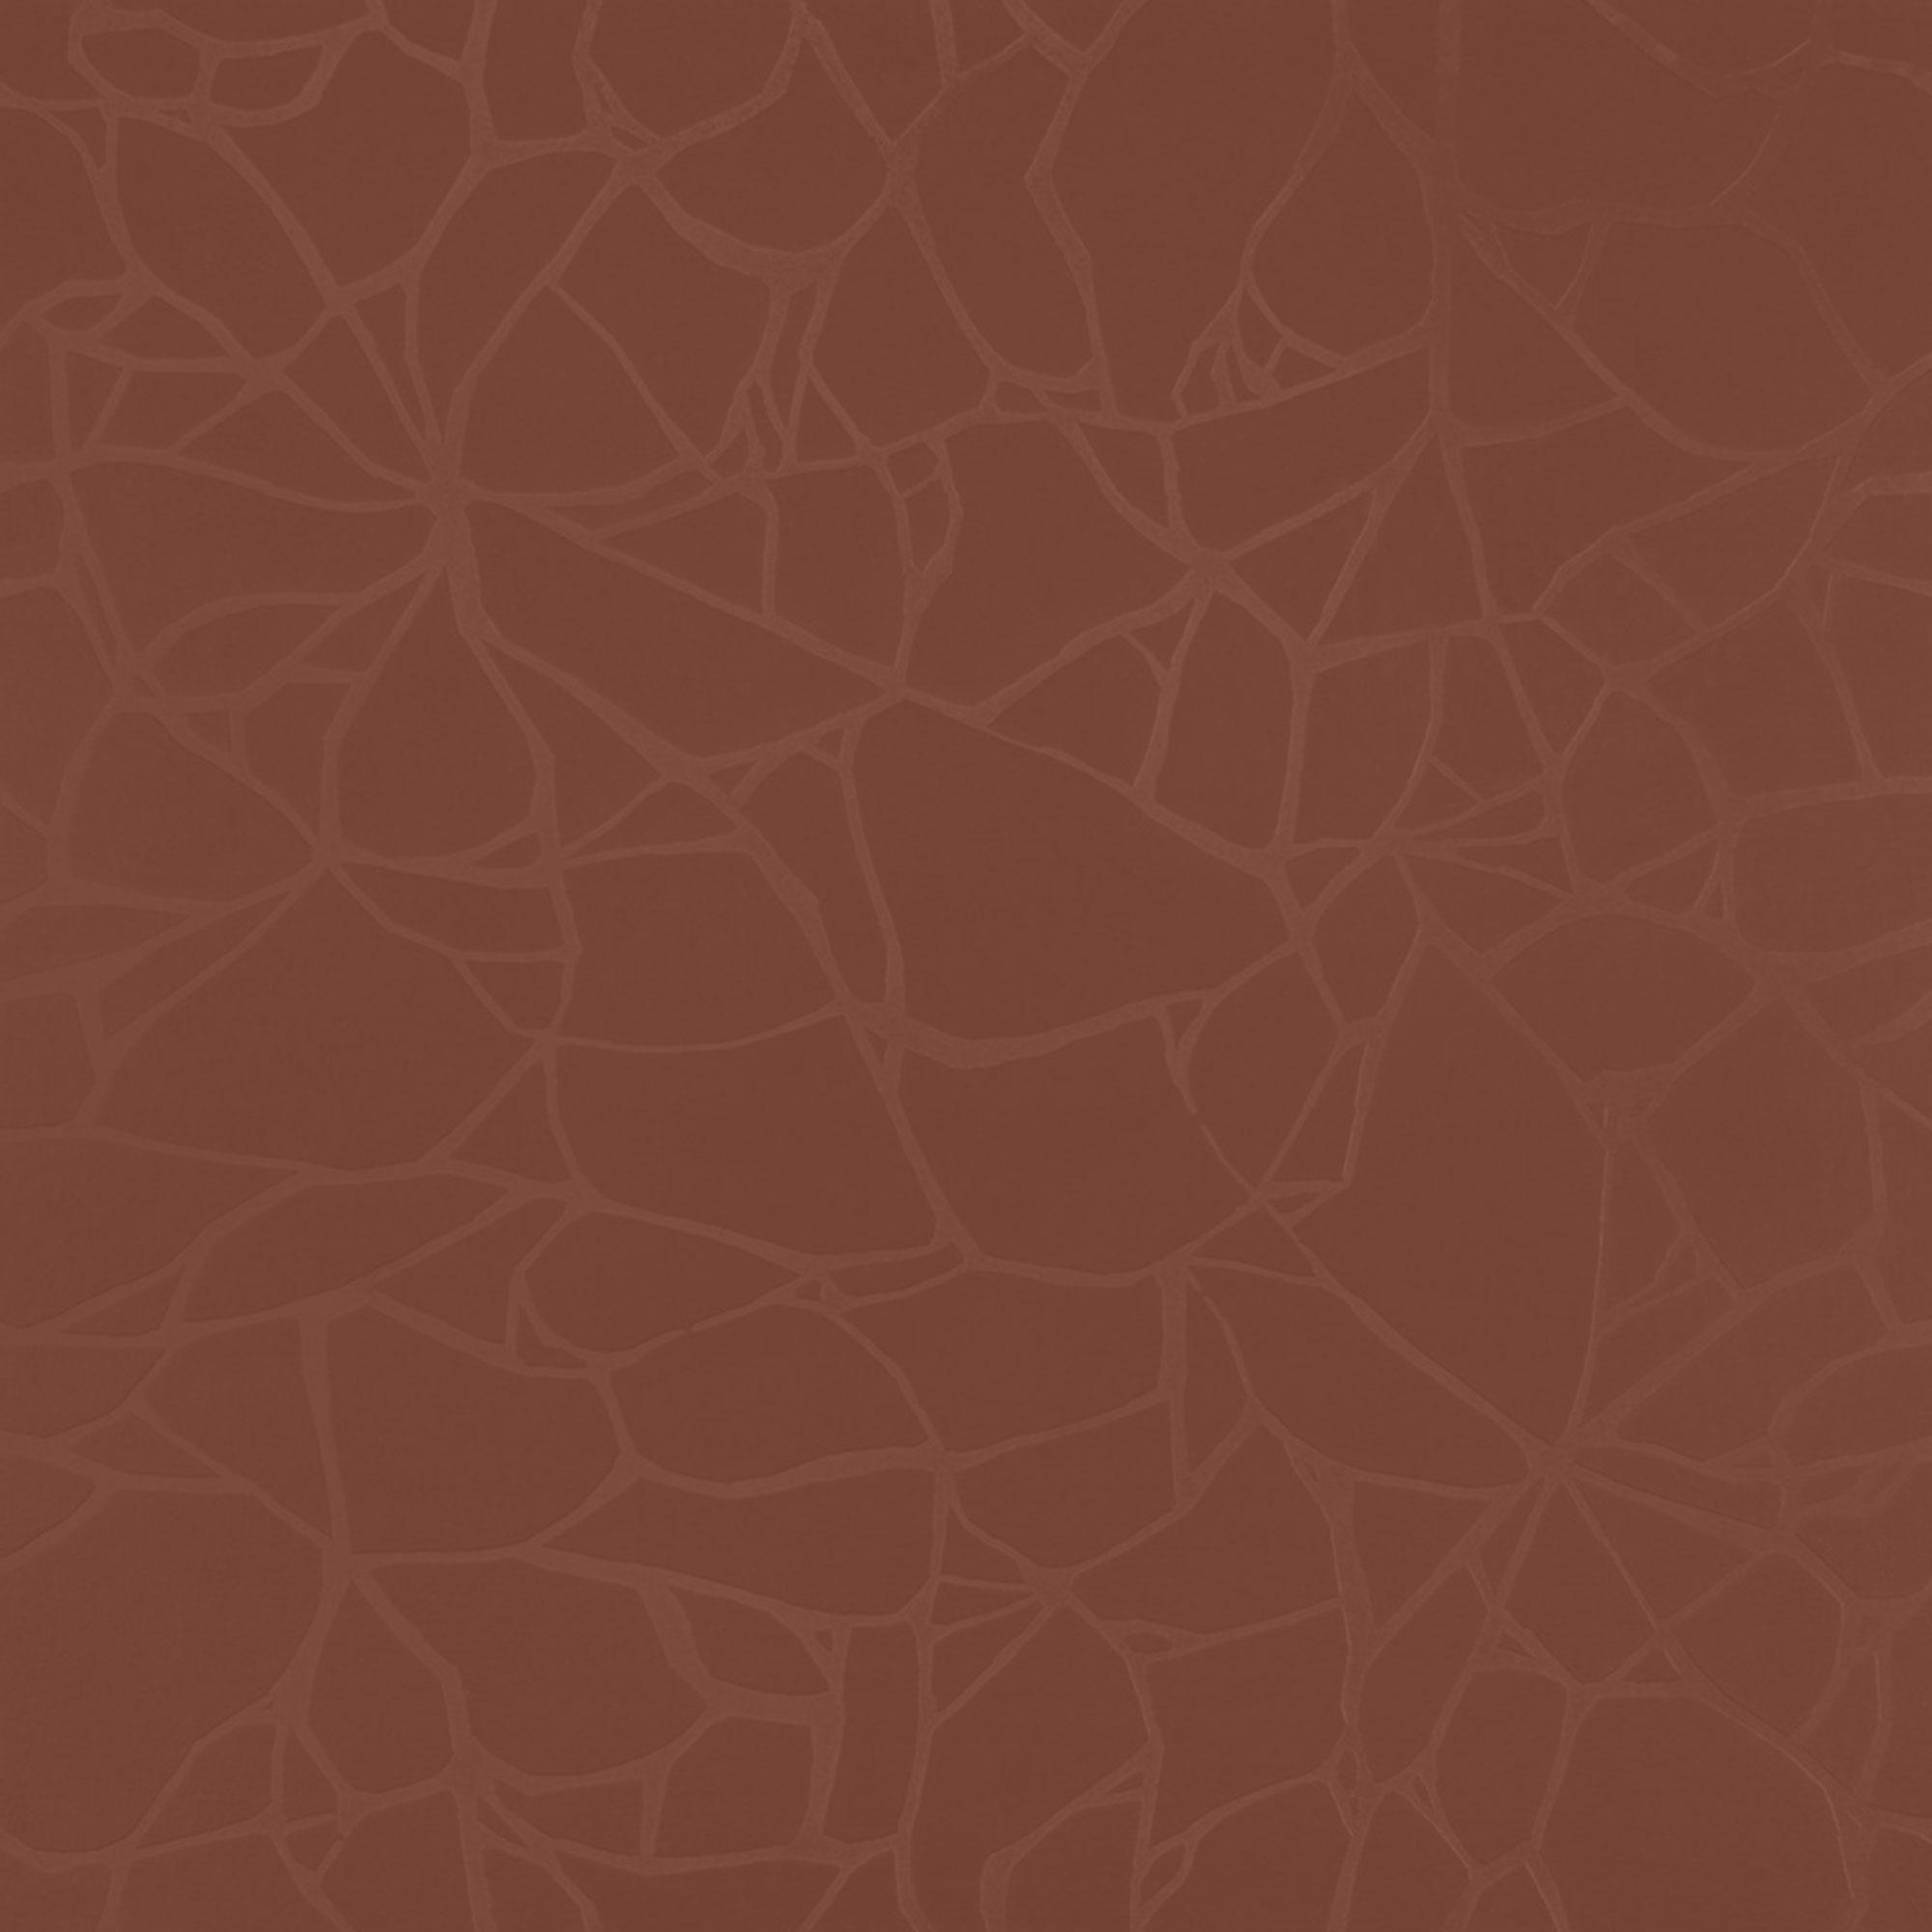 Roppe Dimensions Tile - Crackled Design Brick Rubber Flooring